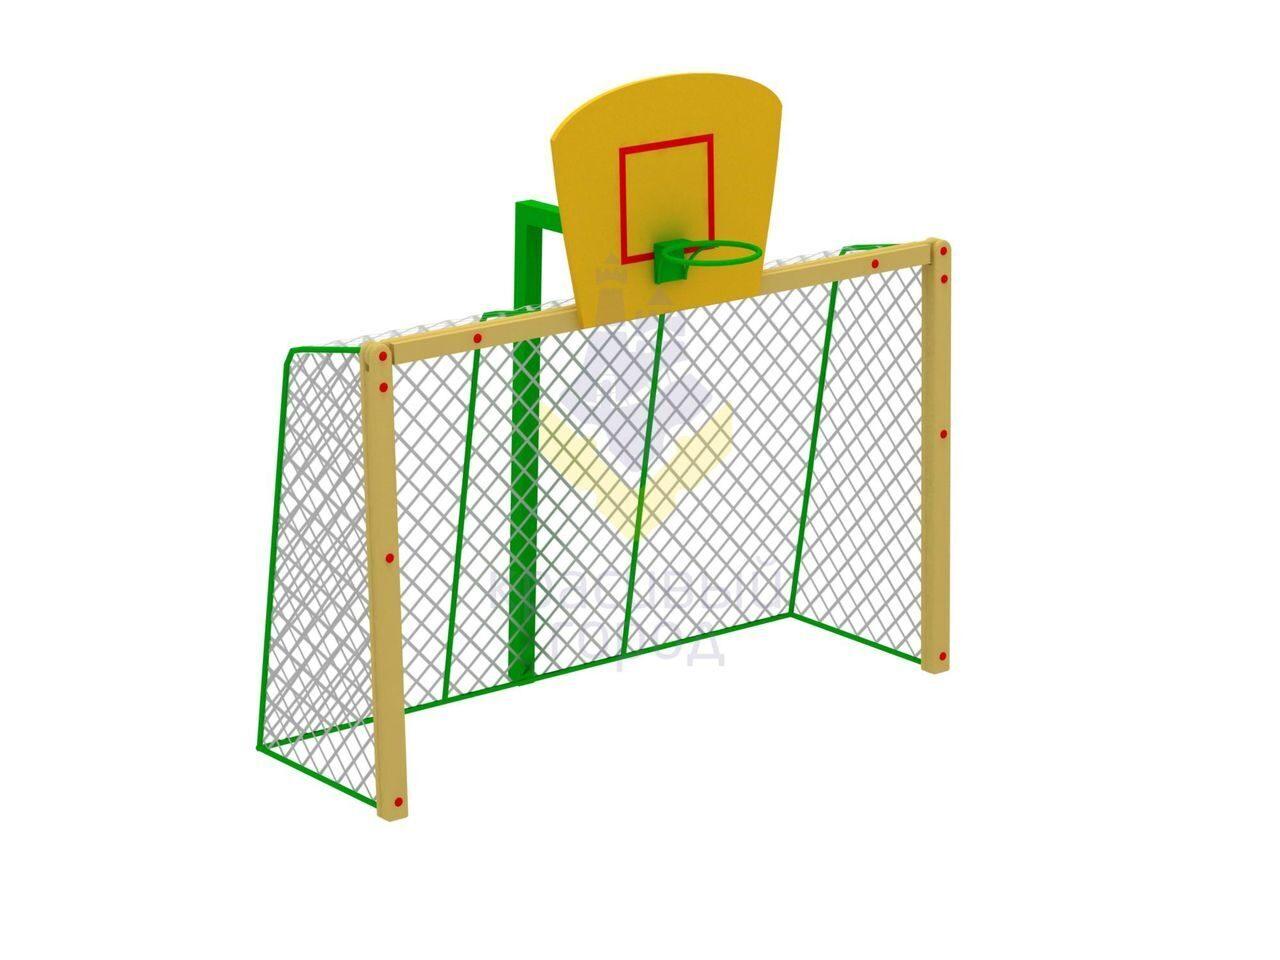 Футбольные ворота своими руками из пвх труб схема 97